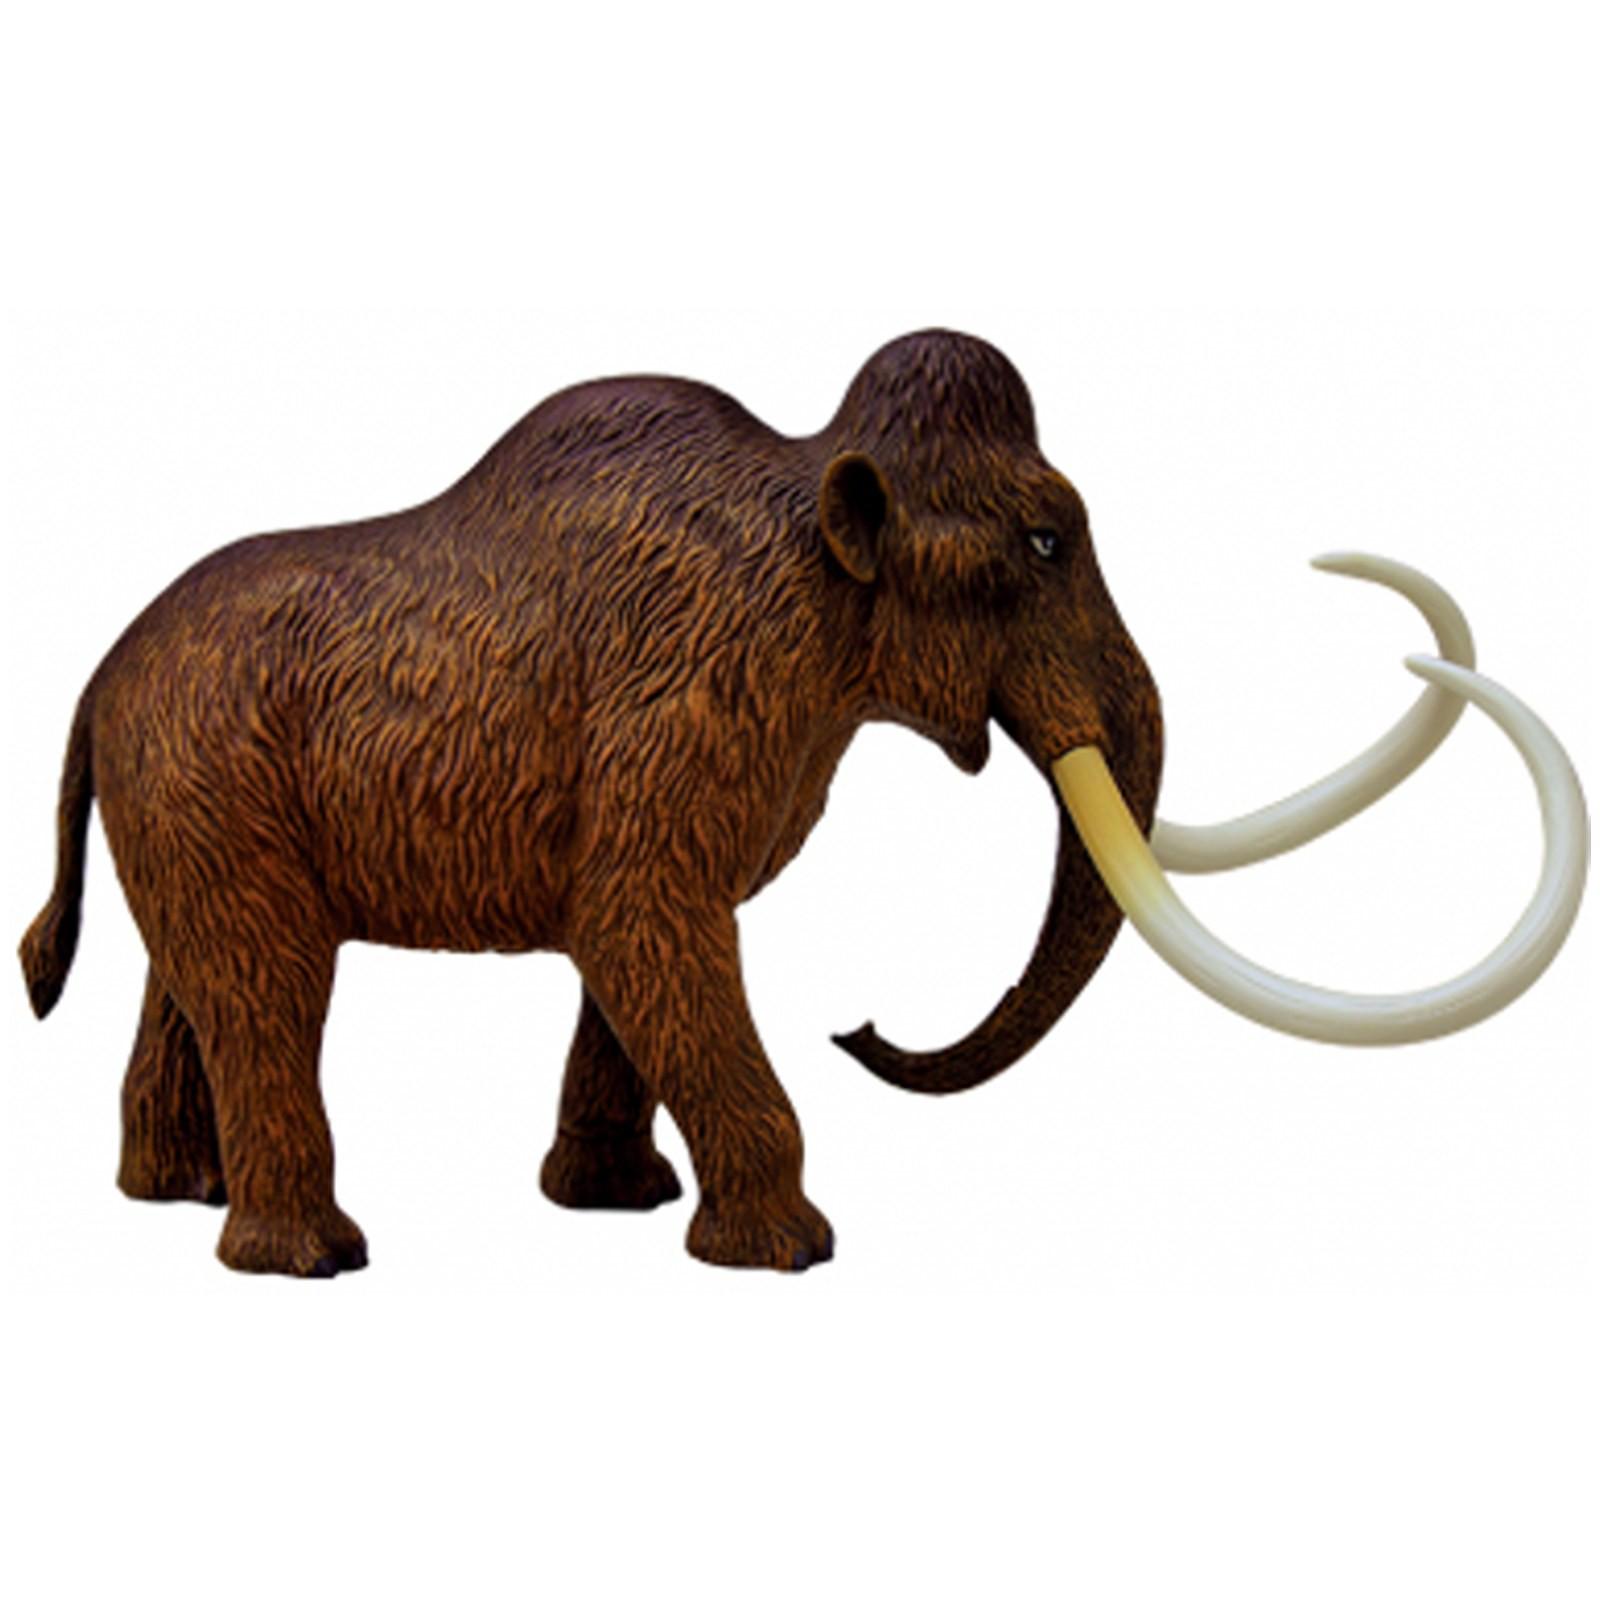 mammut giocattolo  MODELLINO MAMMUT ELEFANTE PUZZLE 3D KIT DA COSTRUIRE GIOCO PER ...